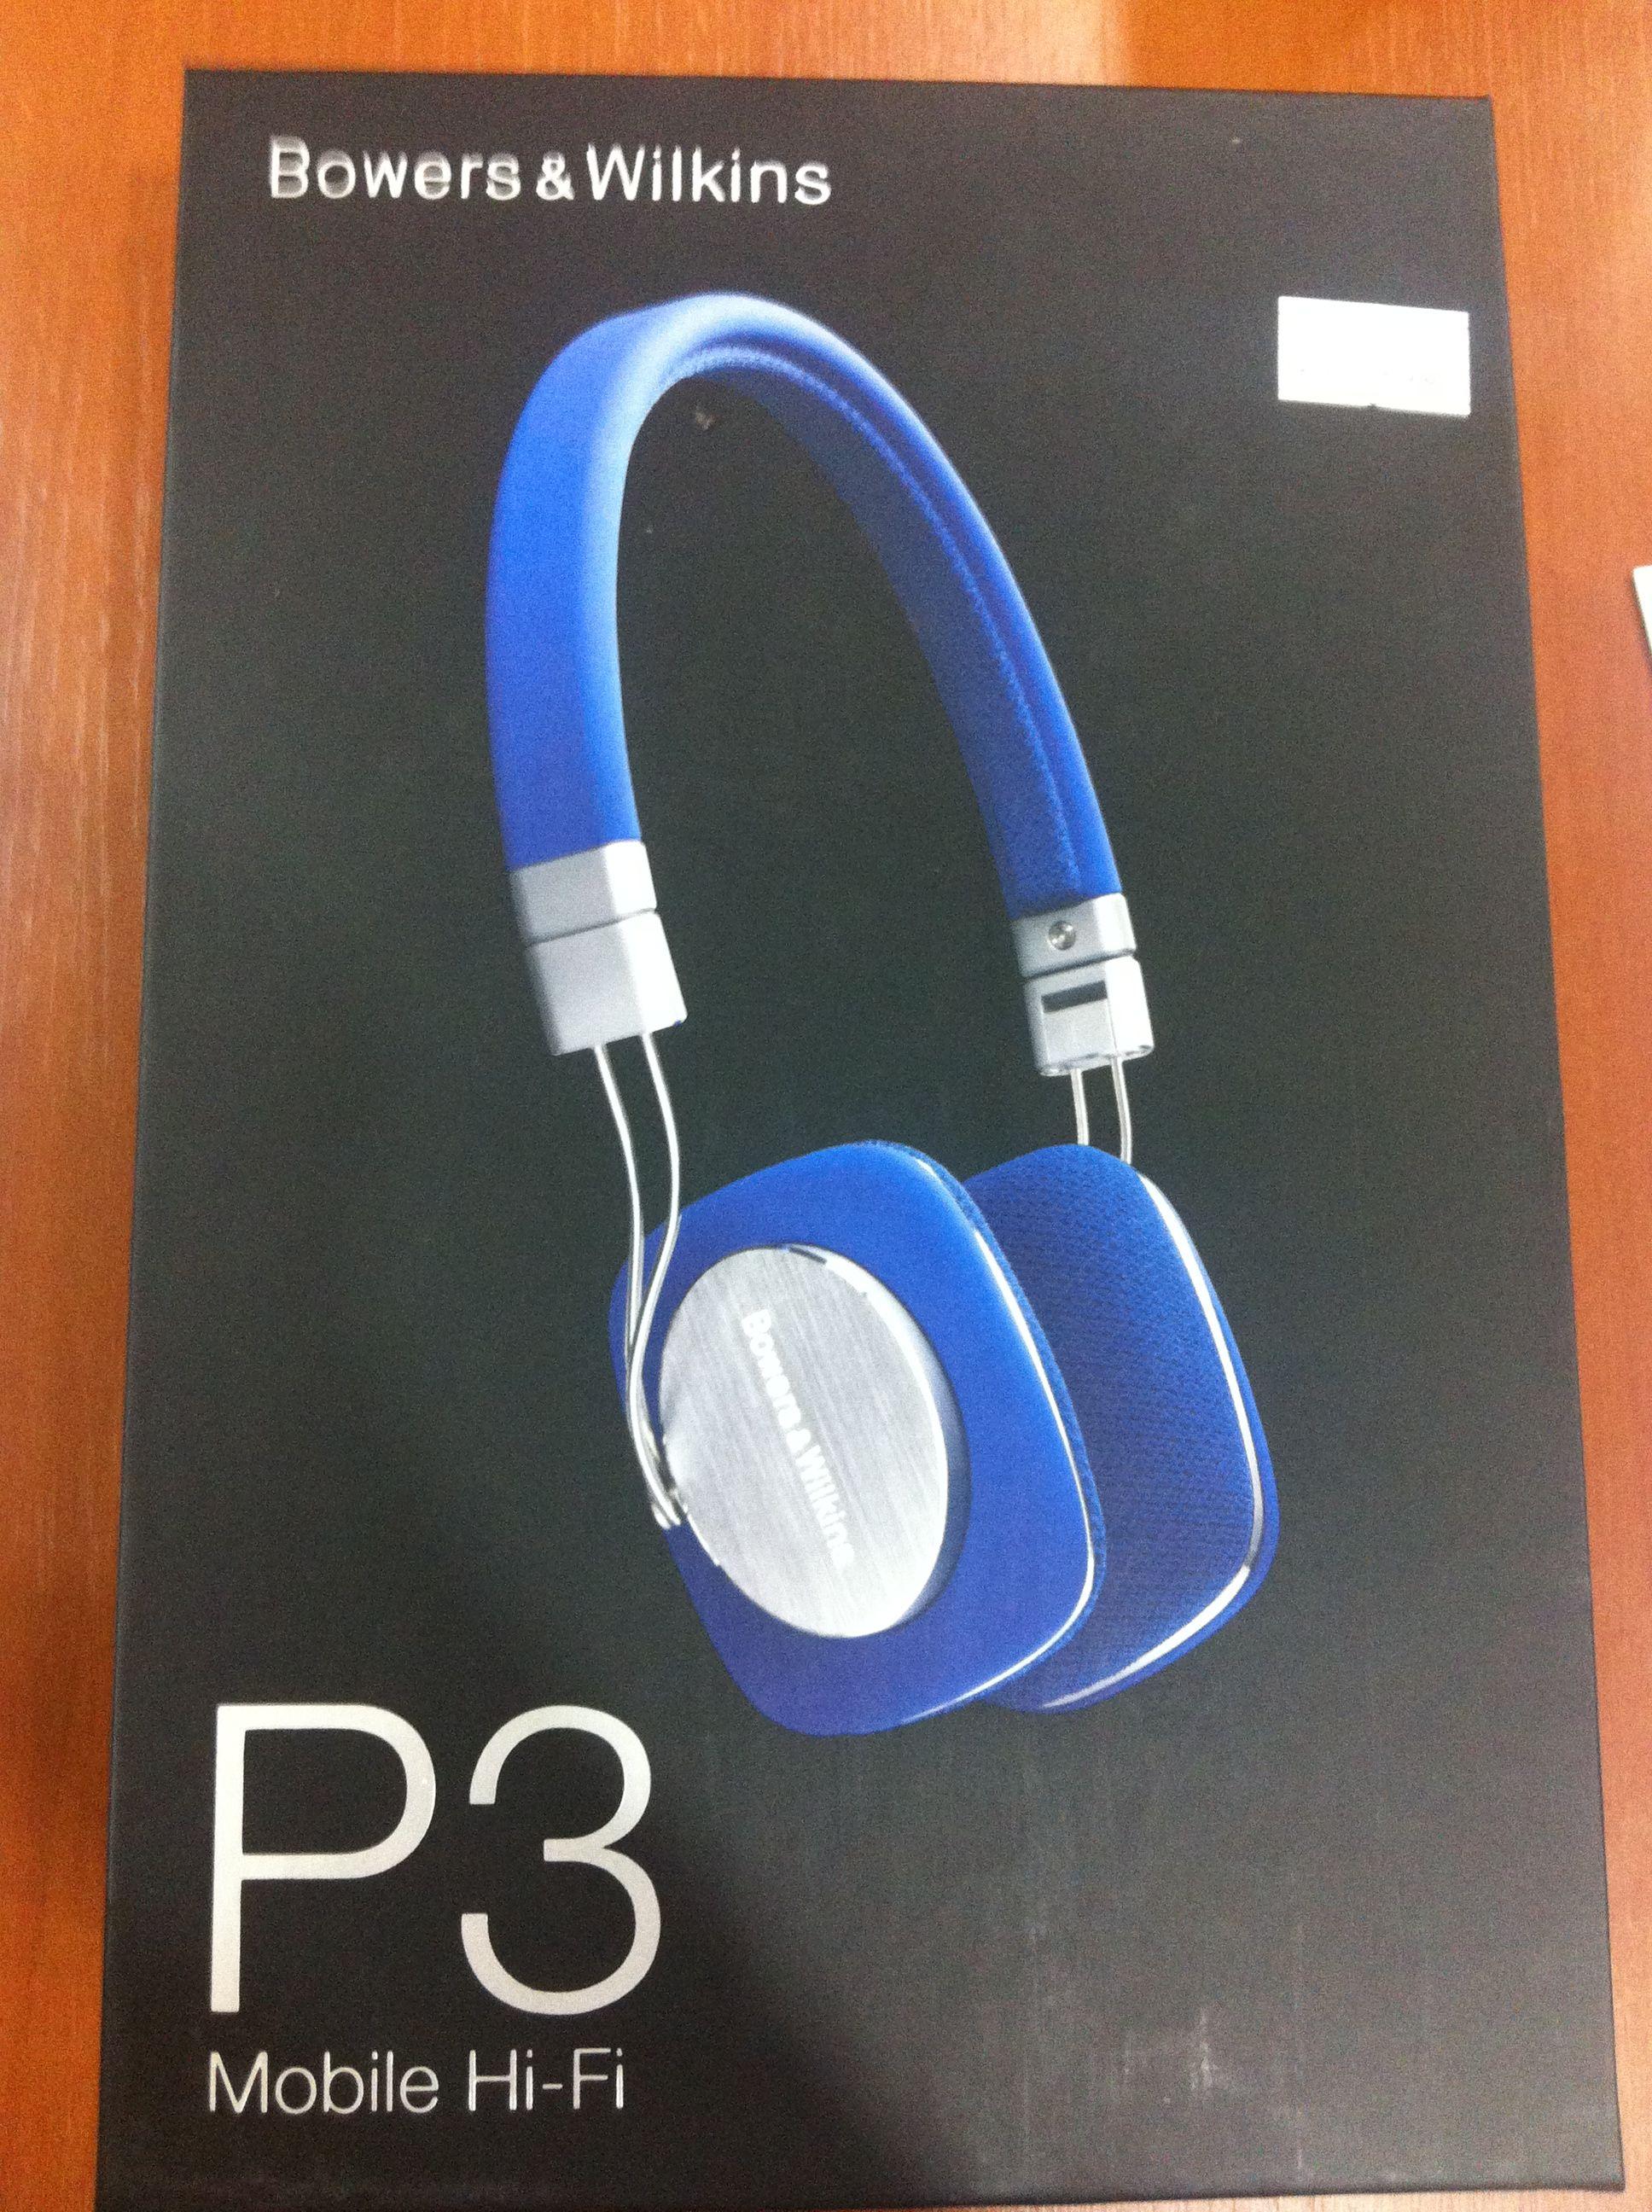 P3 Azul na FONELAND https://foneland.com.br/busca/r/?termo=p3